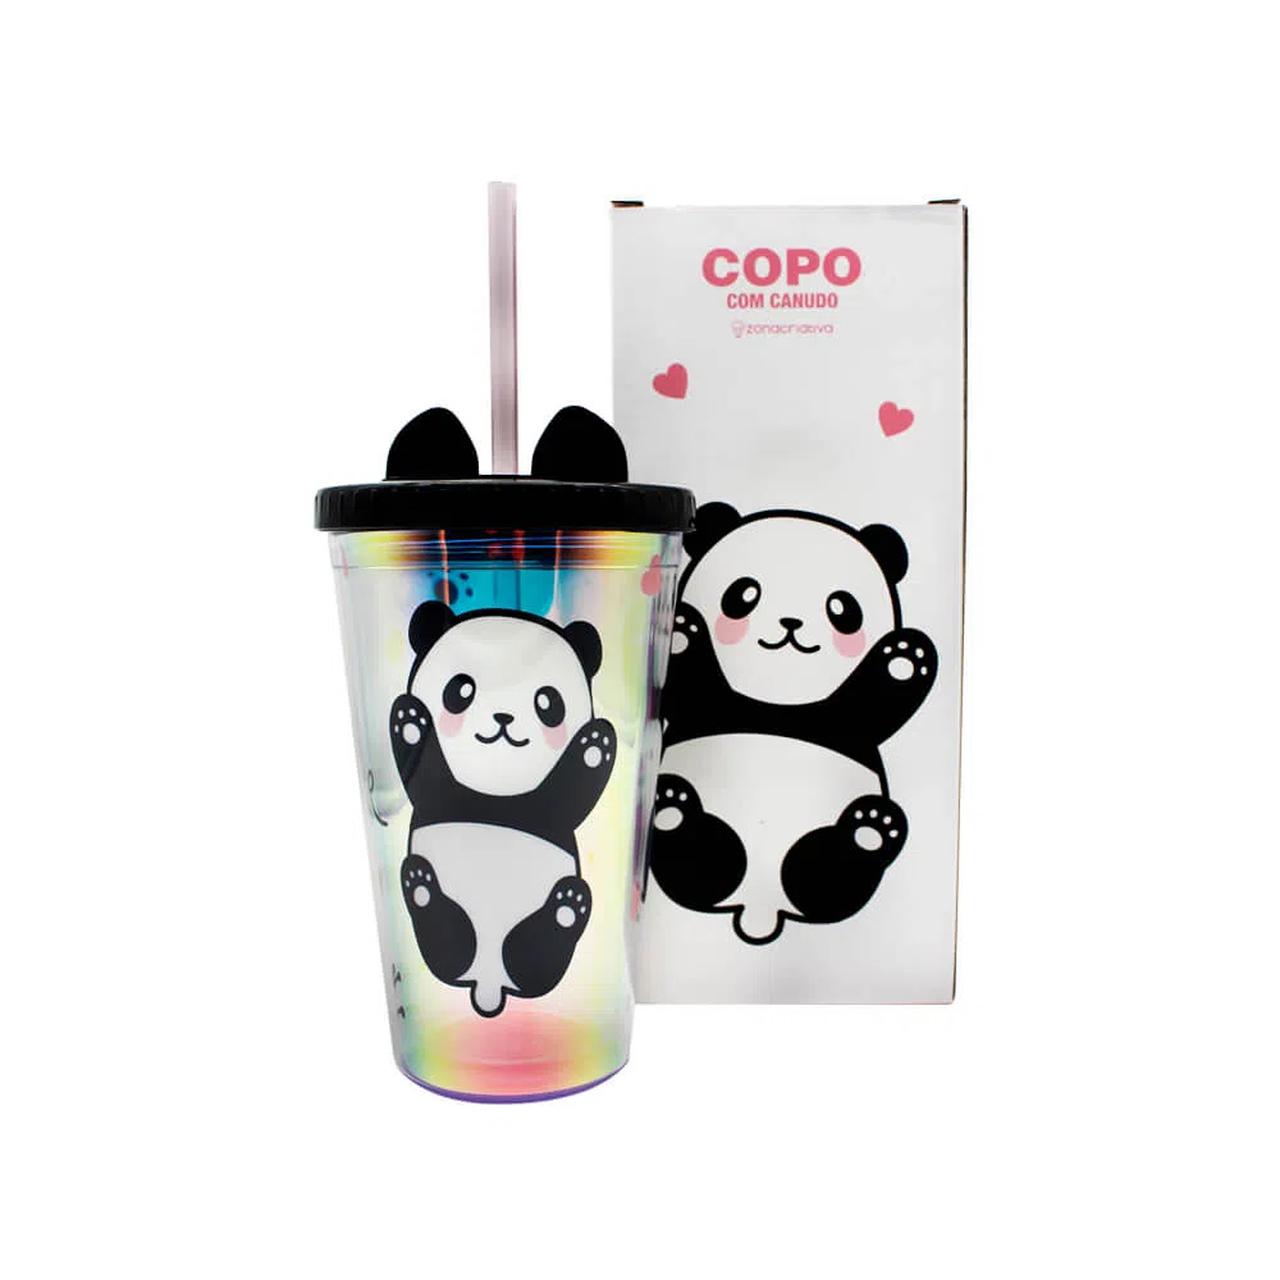 Copo com Canudo Orelhas de Panda (500ml) - Zona Criativa